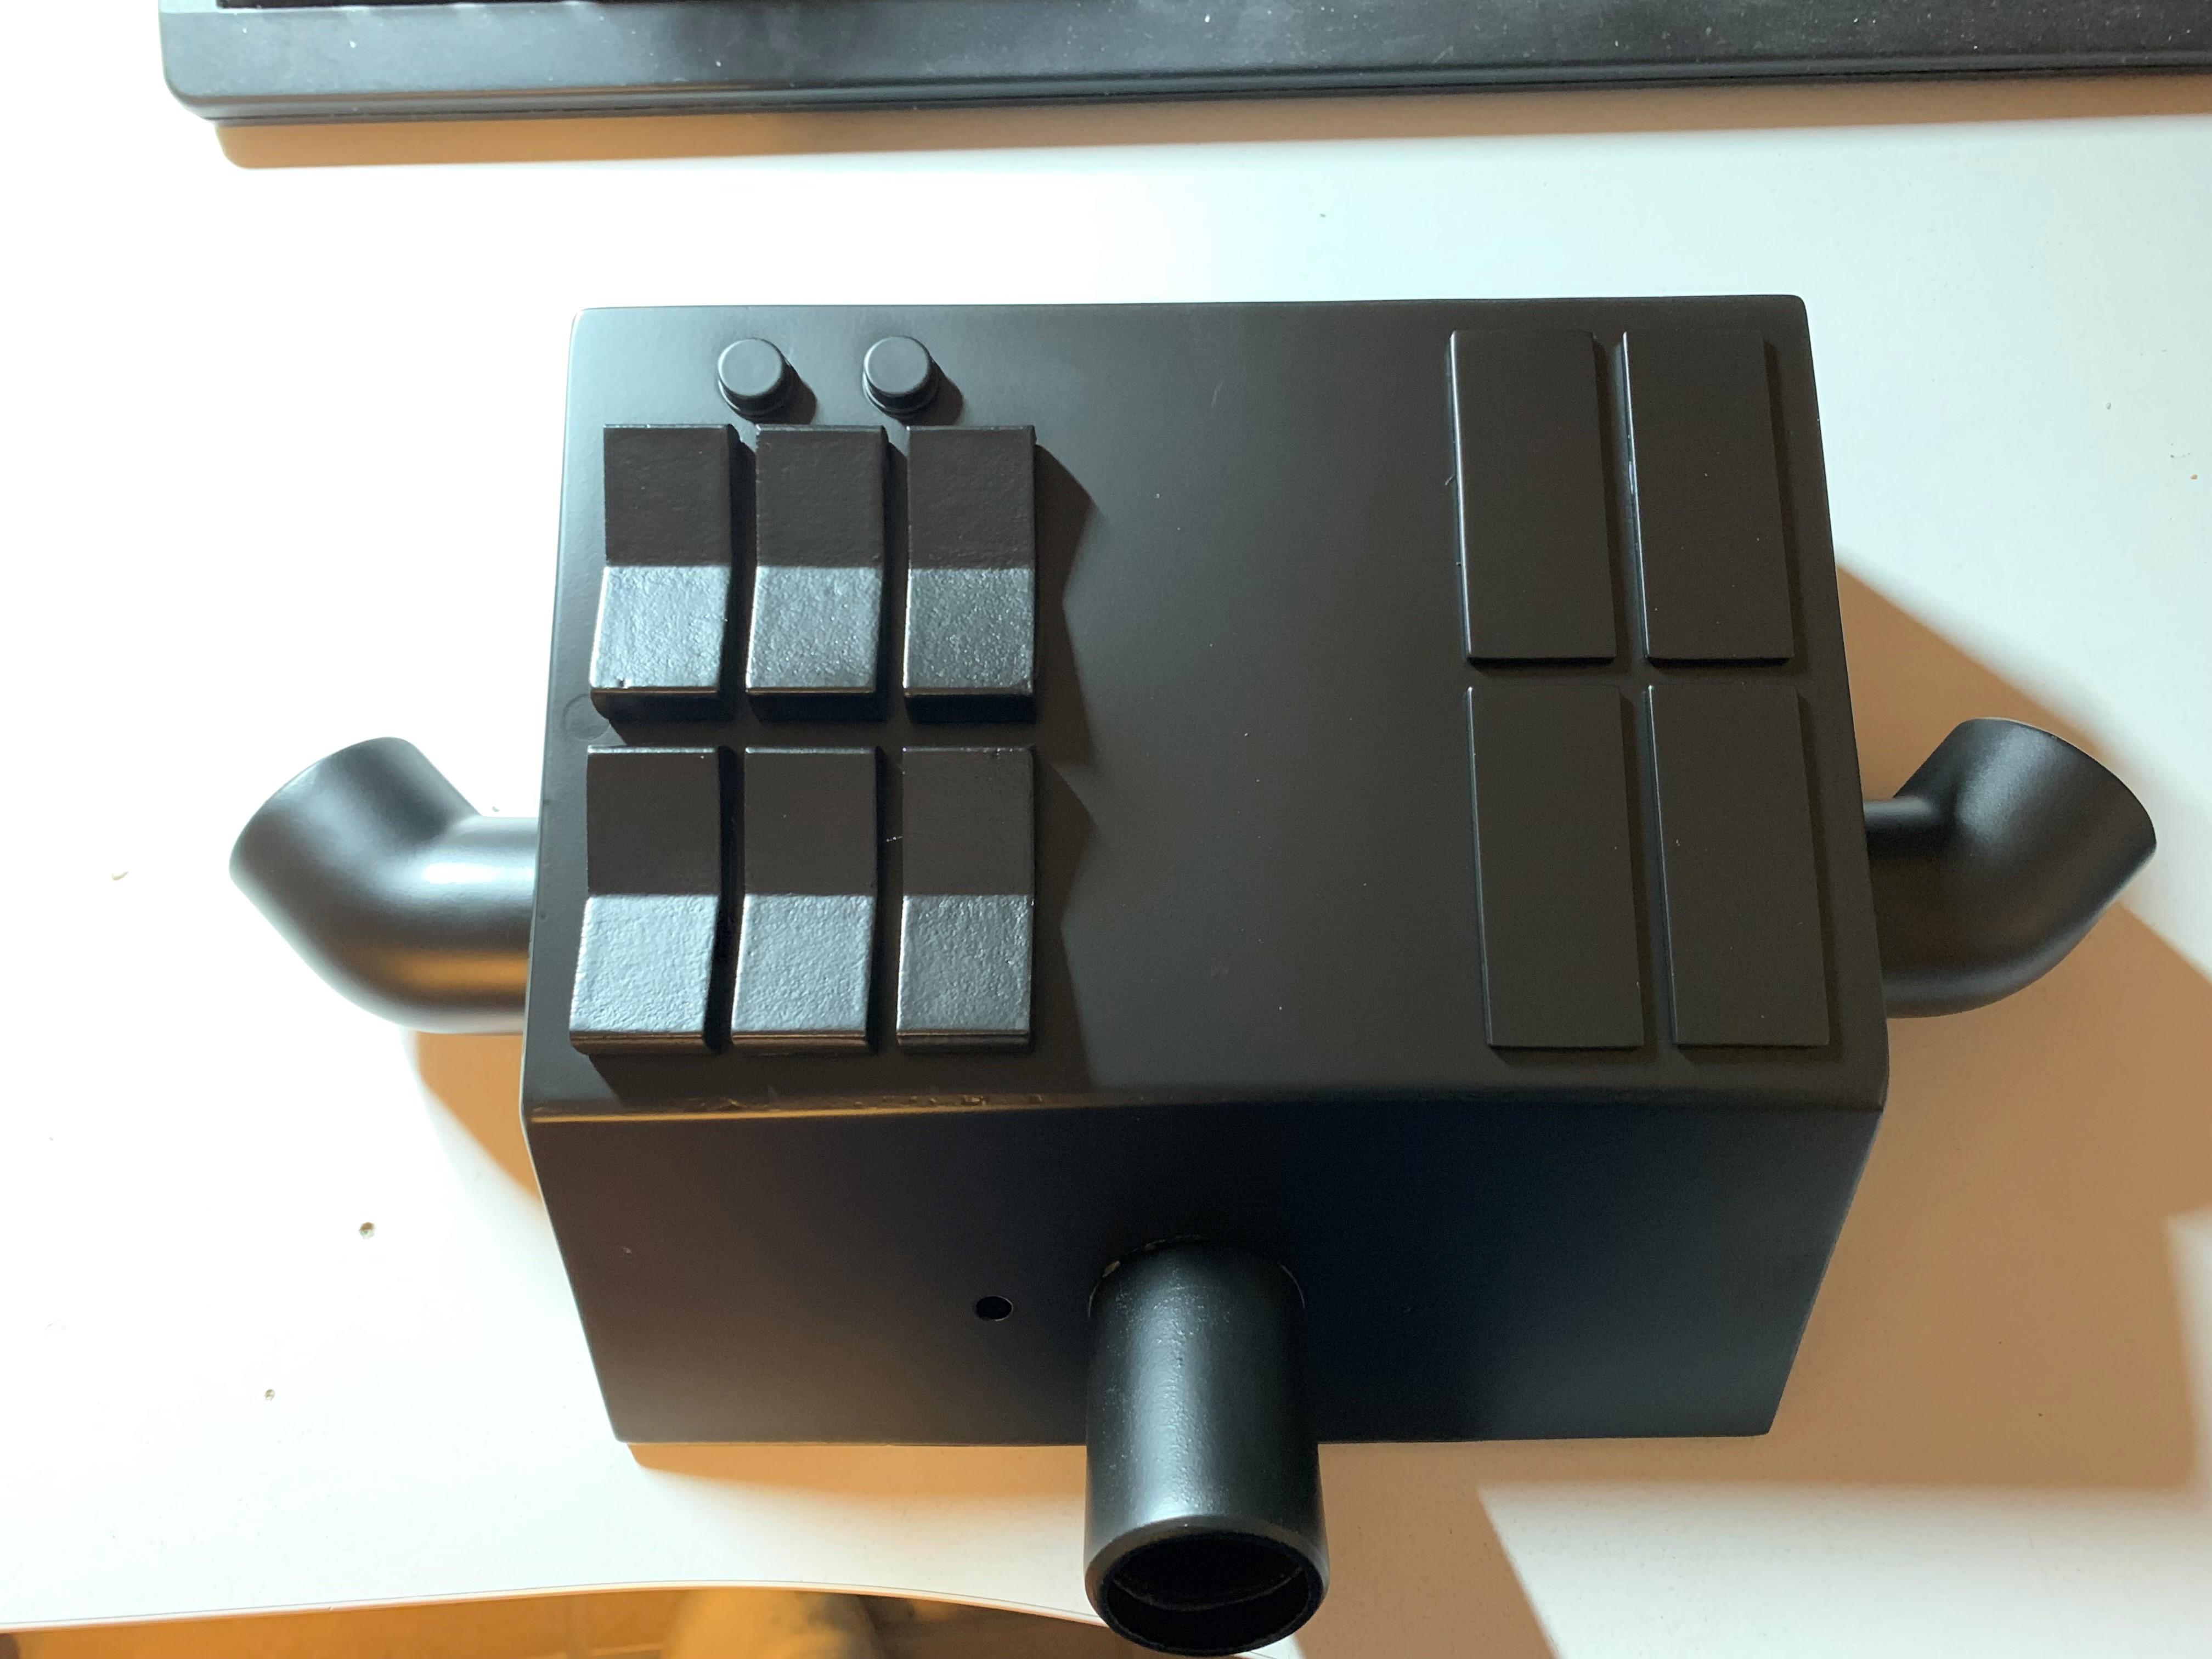 s438647550.online.de/PICS/Tie_Box_7.JPG